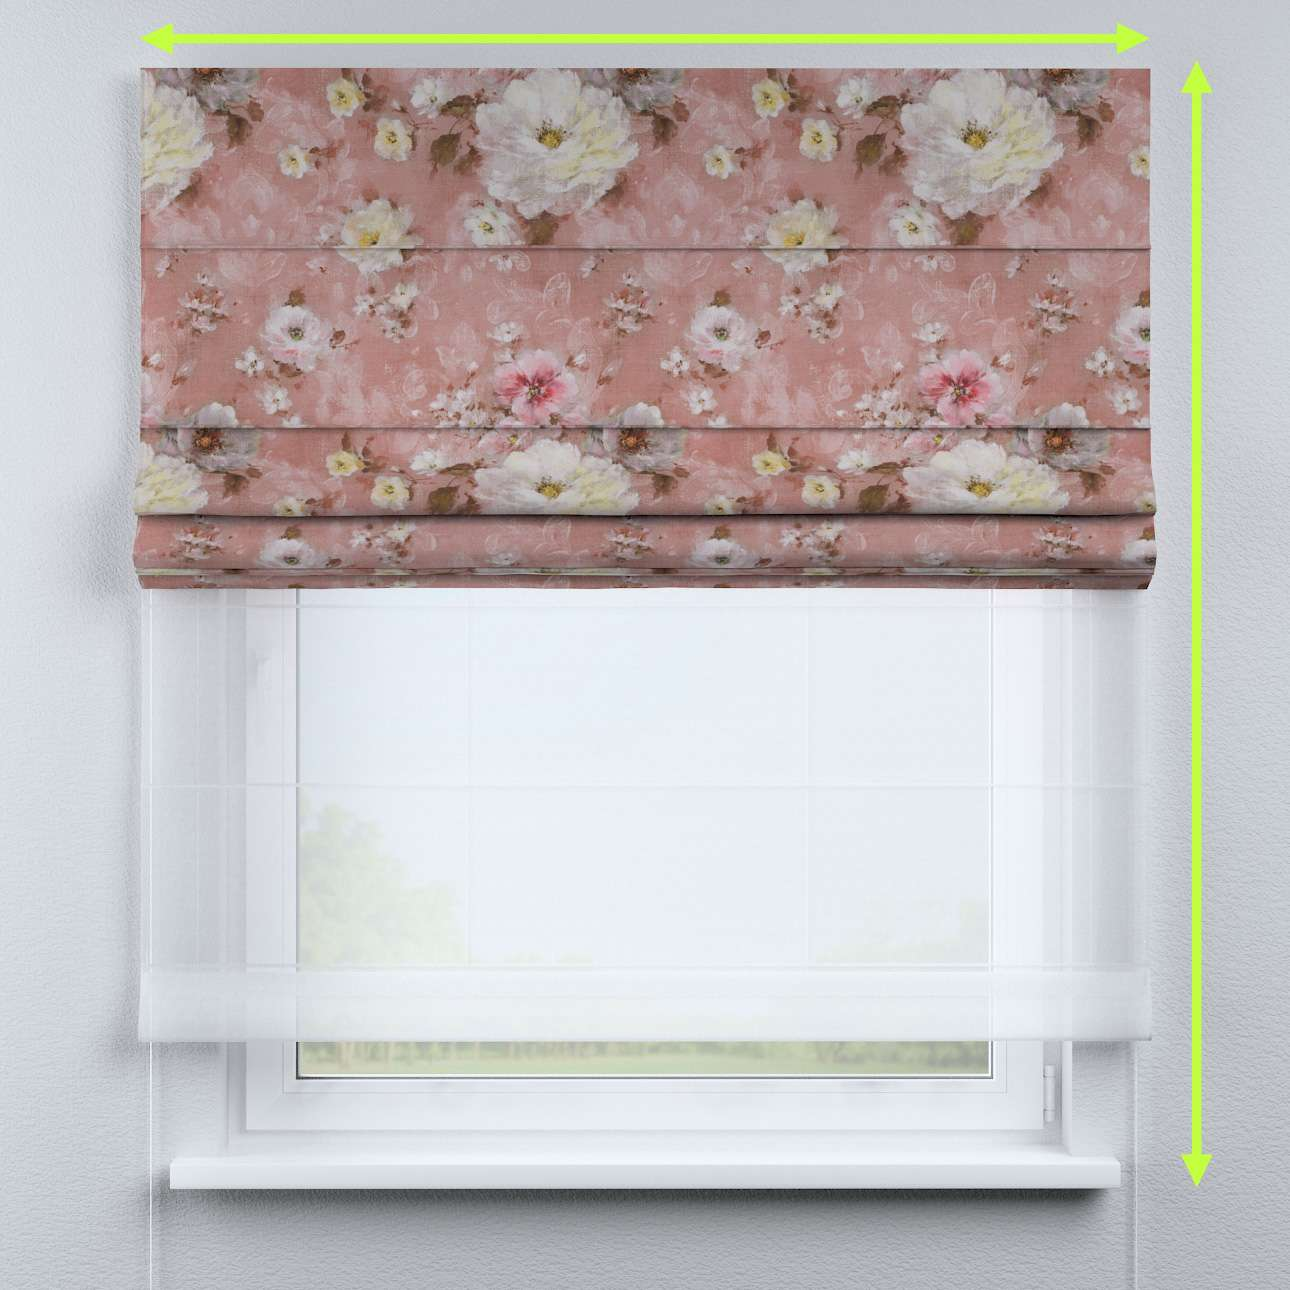 Roleta rzymska Duo w kolekcji Flowers, tkanina: 137-83